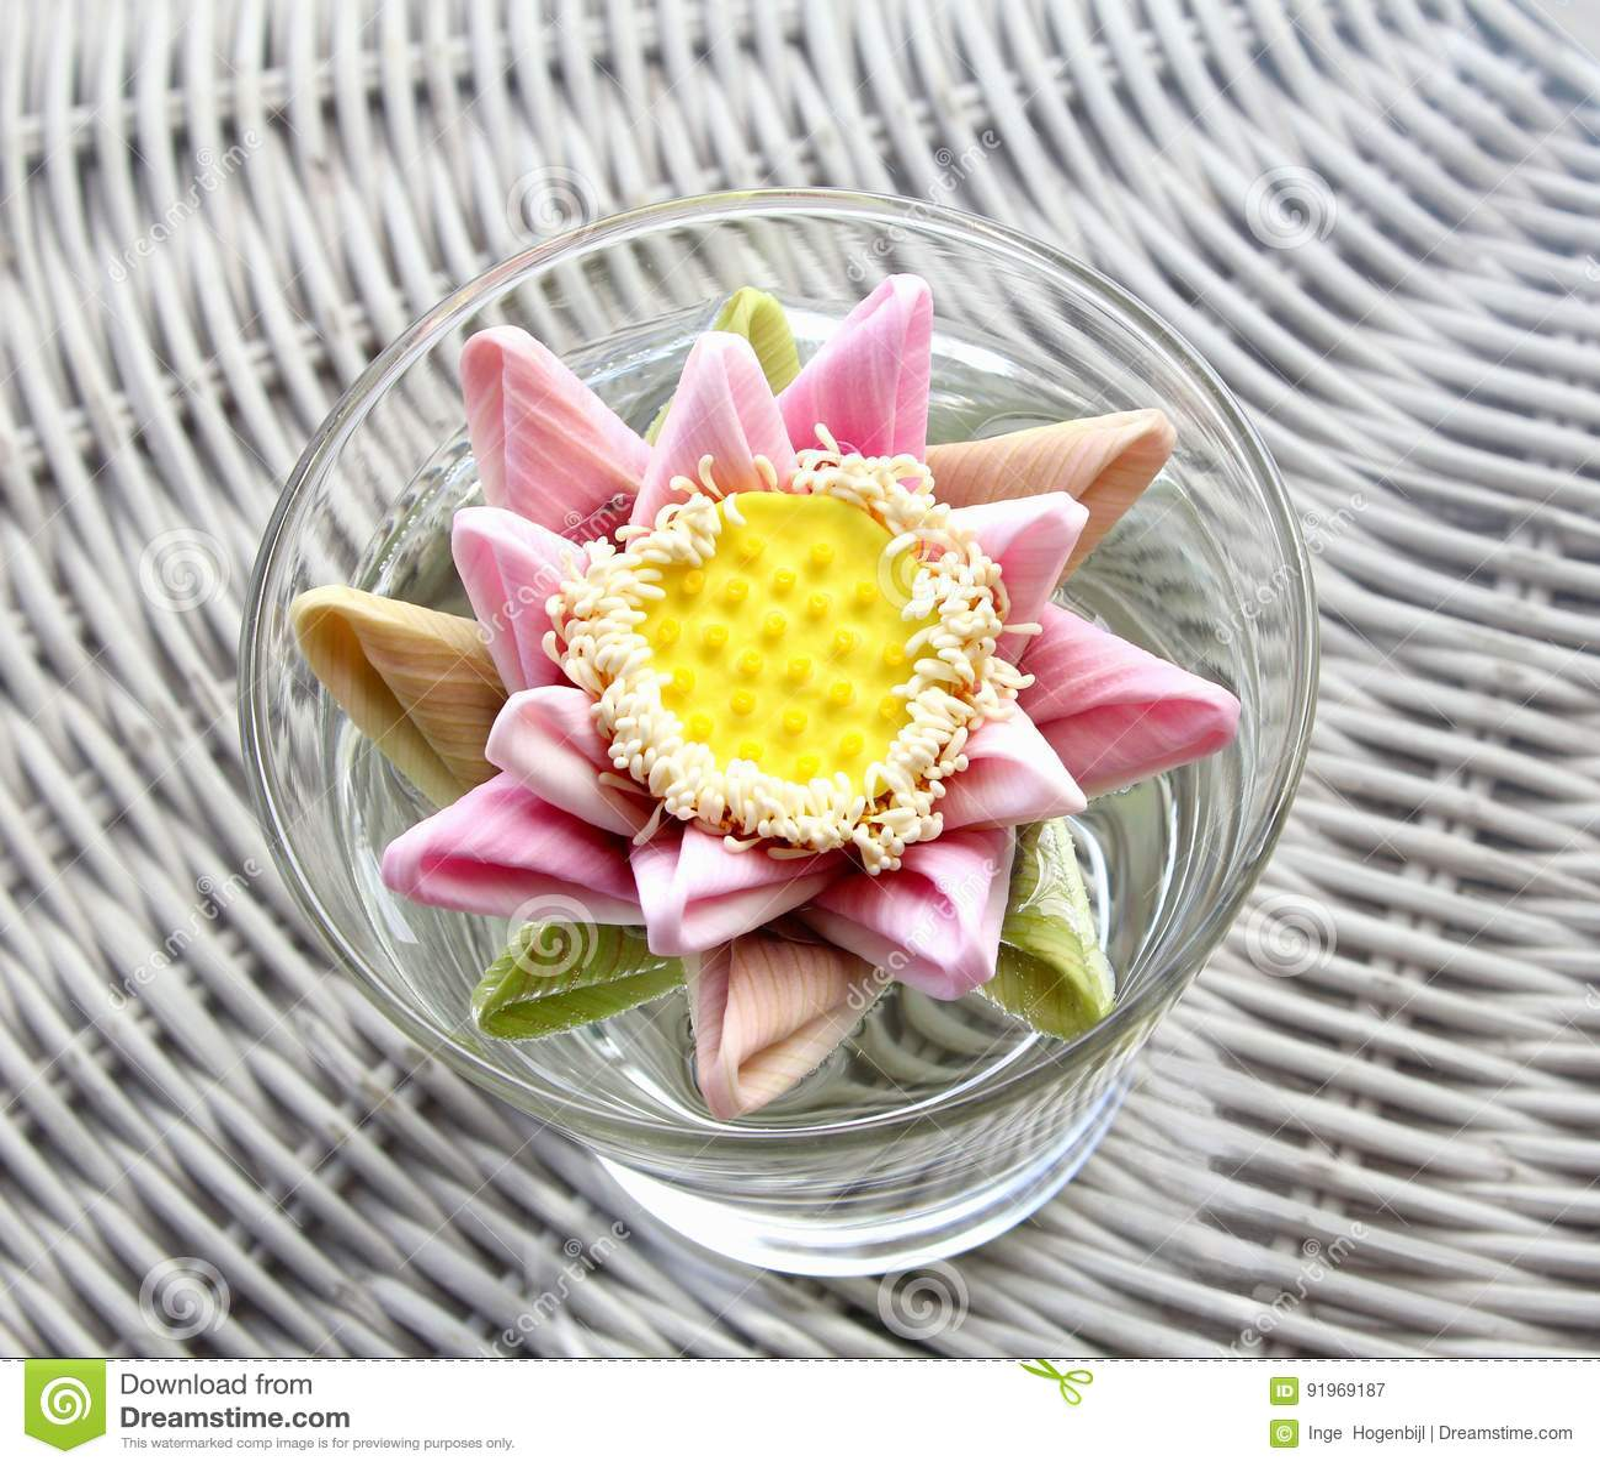 Biedermeier Exotic Flower Bouquet, Wicker Grey Background Stock ...